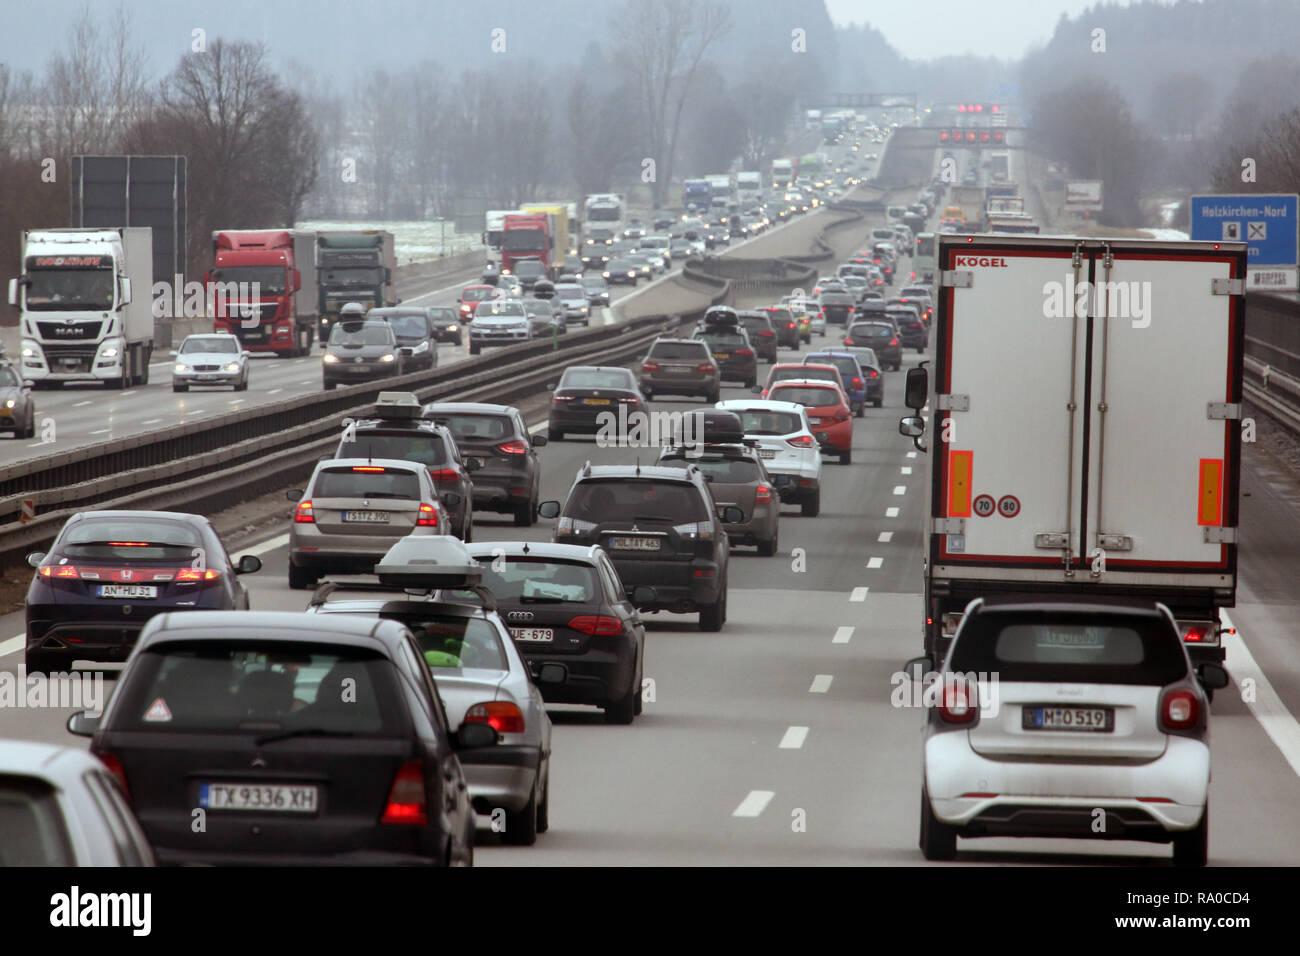 10.02.2018, Bayern, Holzkirchen, Deutschland, hohes Verkehrsaufkommen auf der A8 in Richtung Sueden. 00S180210D104CARO.JPG [MODEL RELEASE: NOT APPLICA Stock Photo